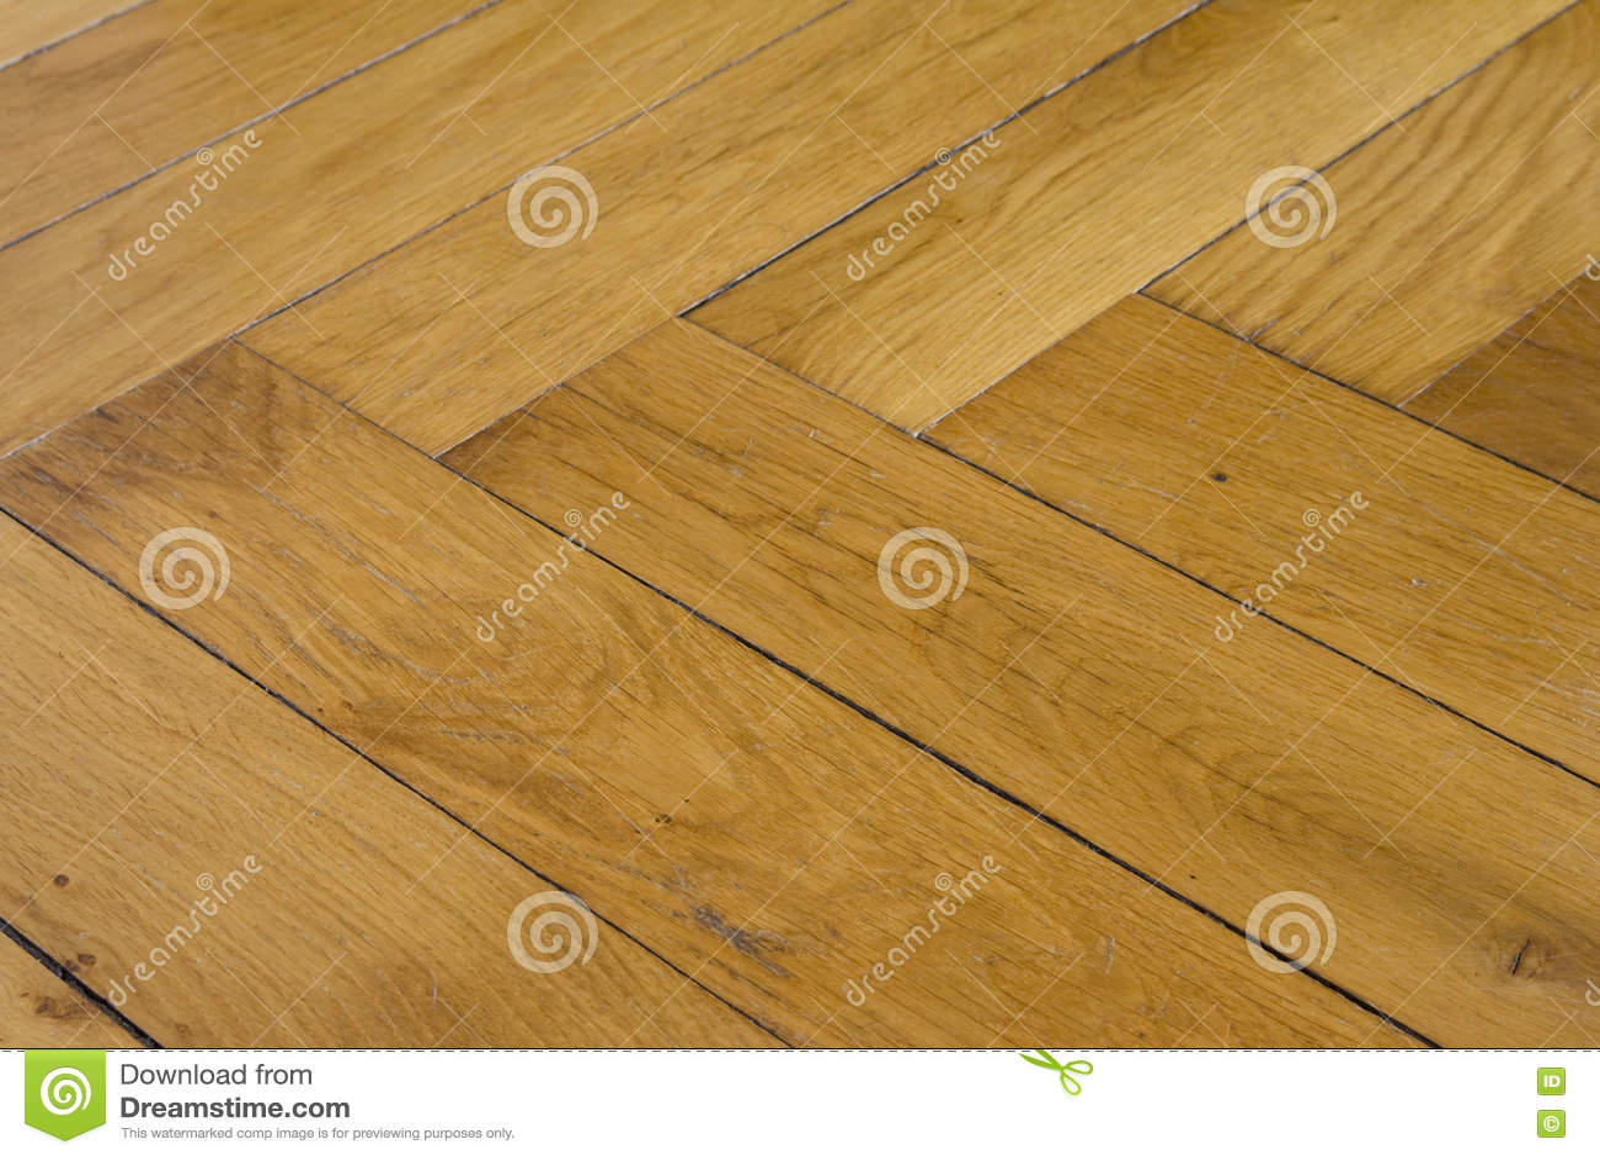 Rustieke houten vloer stock foto afbeelding bestaande uit hout